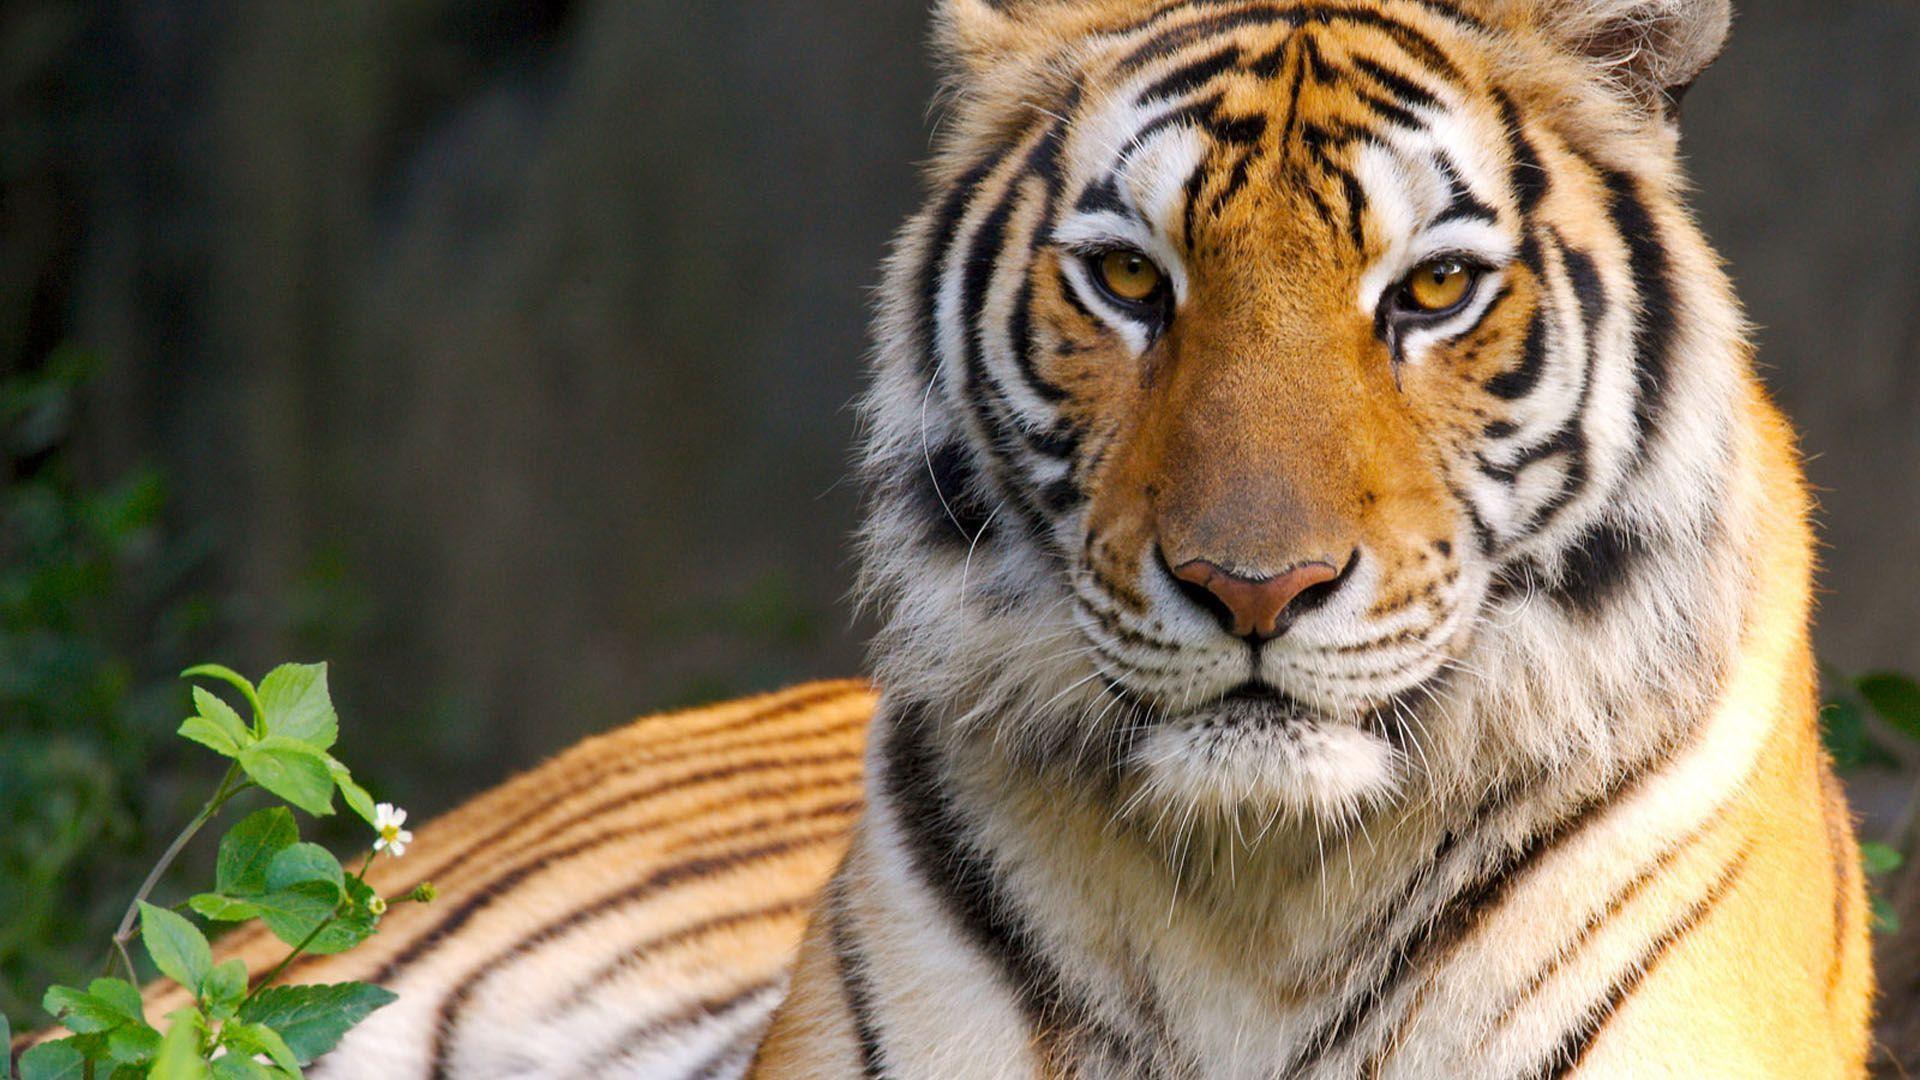 White Tiger Wallpaper 1080p Tiger HD Wallpa...